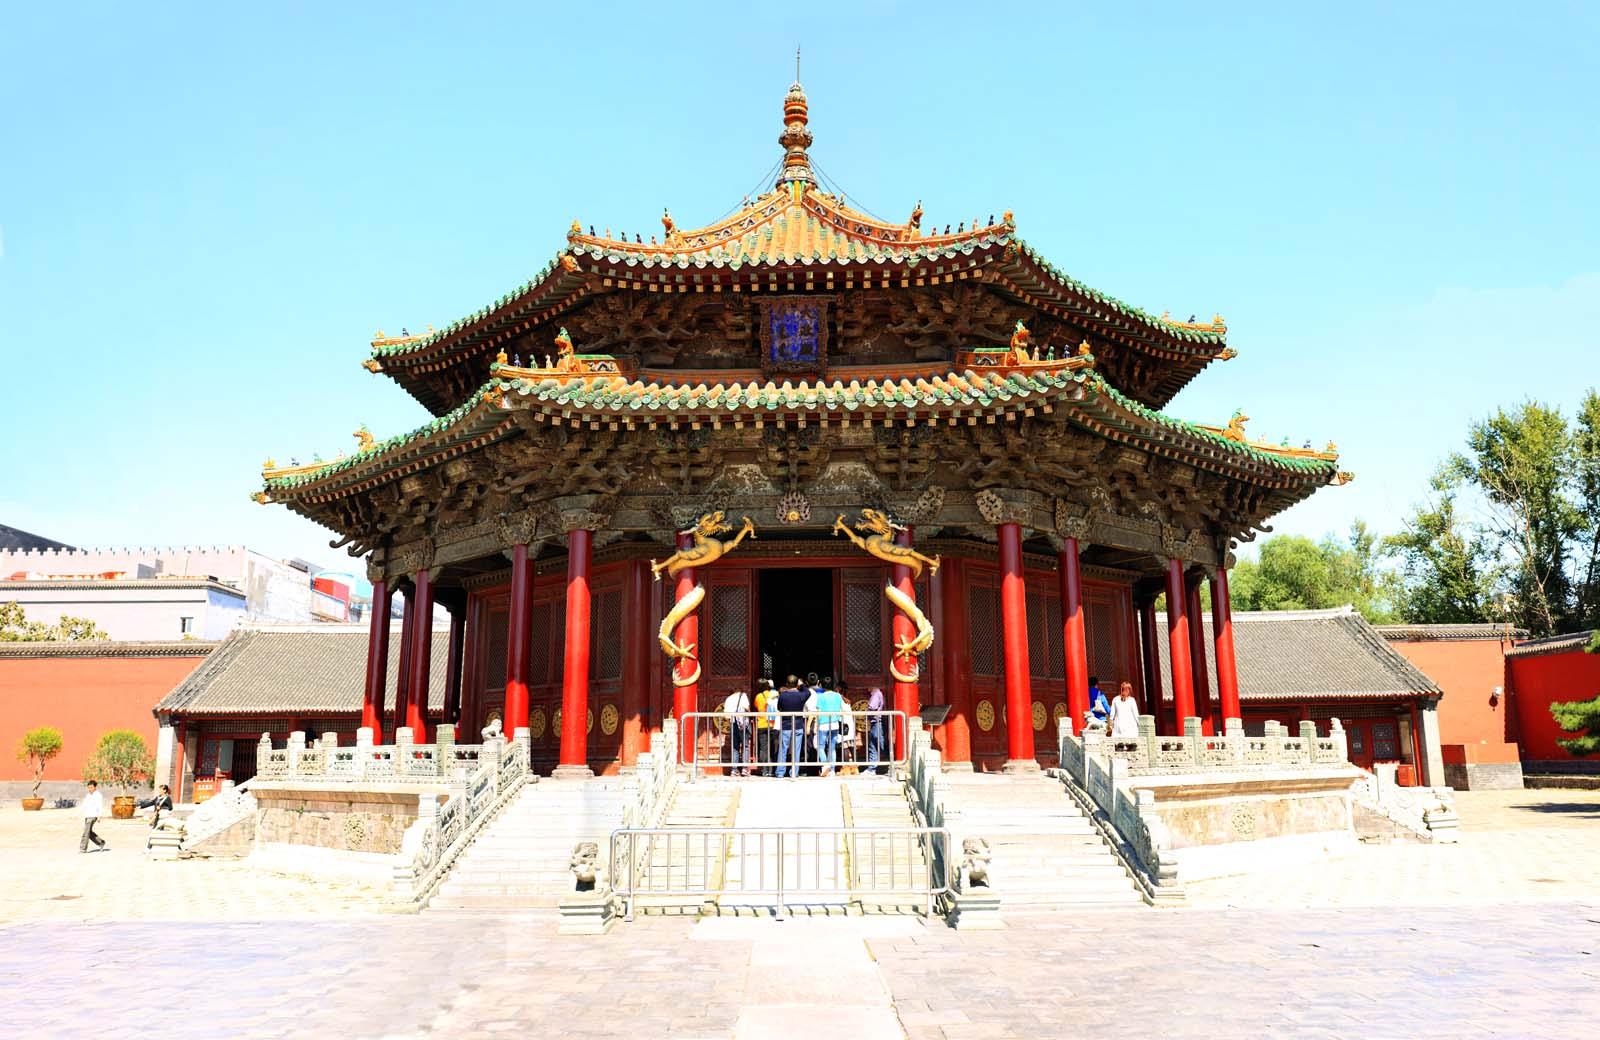 الصورة,المادة,حرر,منظر للطبيعة,جميل,صور,قصر شنيانغ الامبراطورى فى صرح دونو اسكاندر شركة تايسى, , , ,